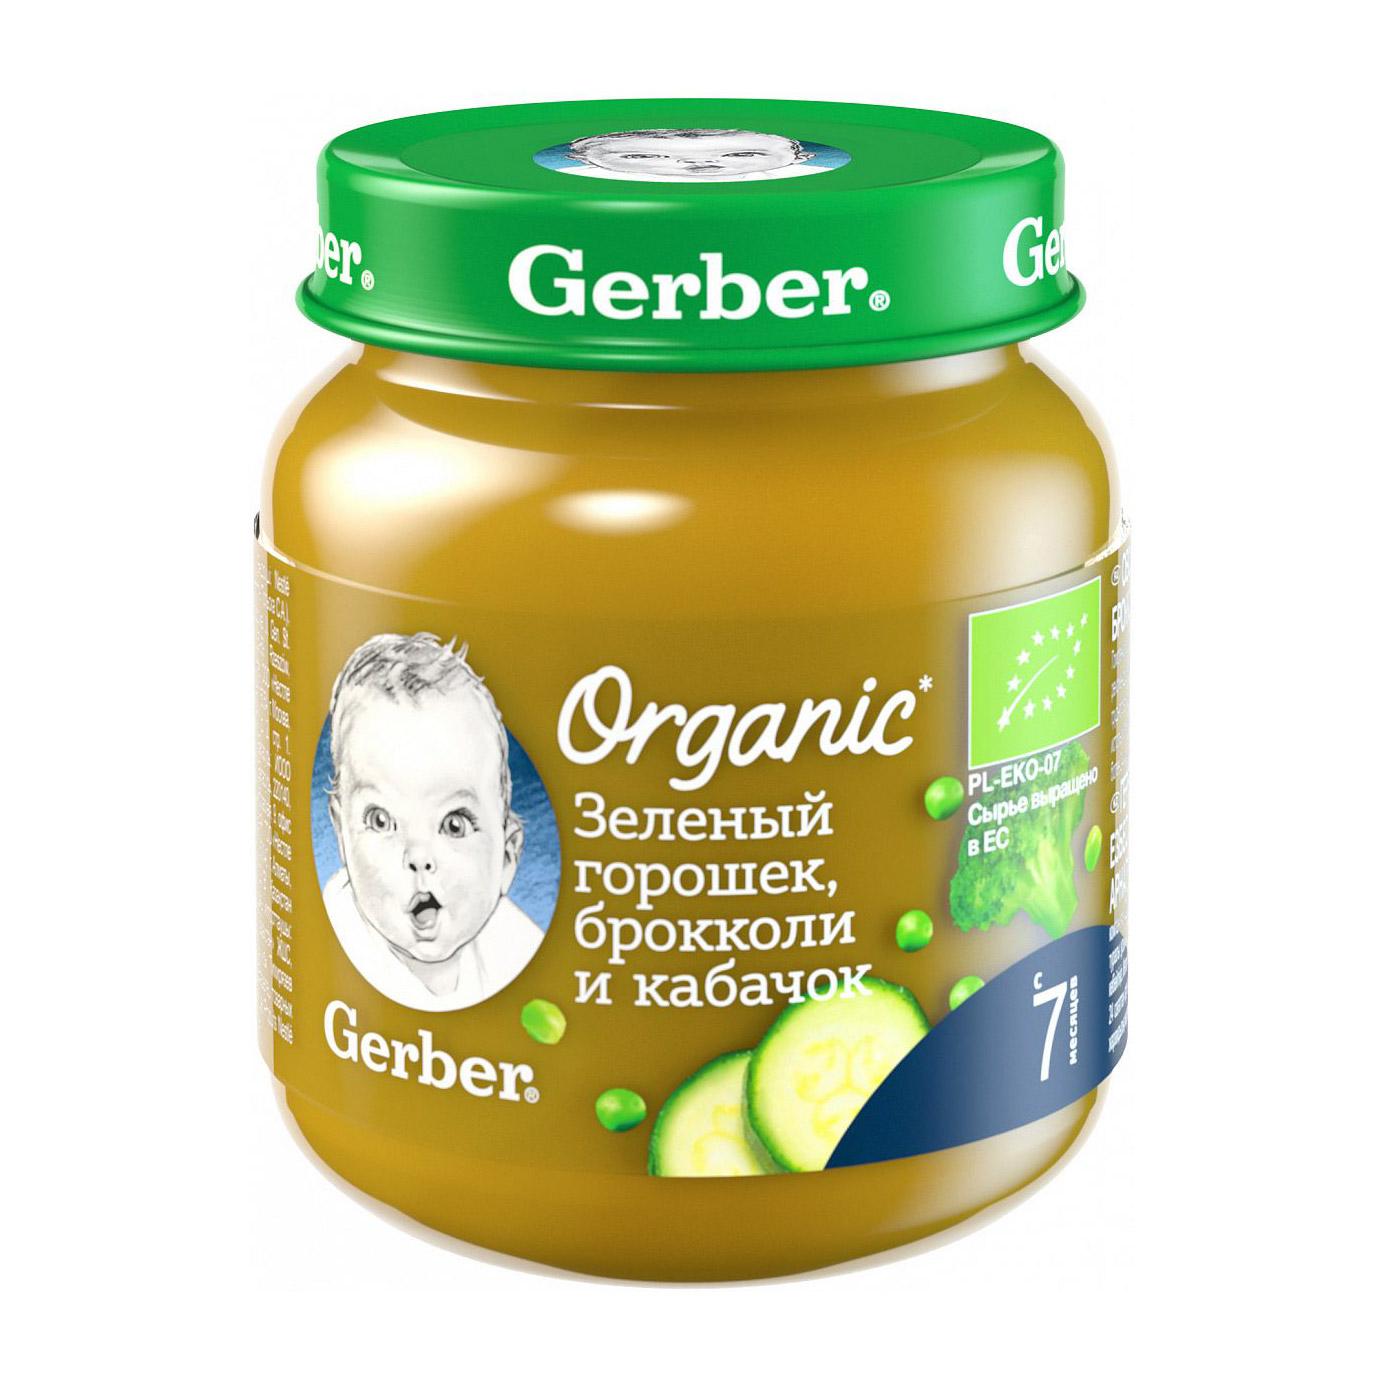 Пюре овощное Gerber Organic Зеленый горошек, брокколи и кабачок 125 г